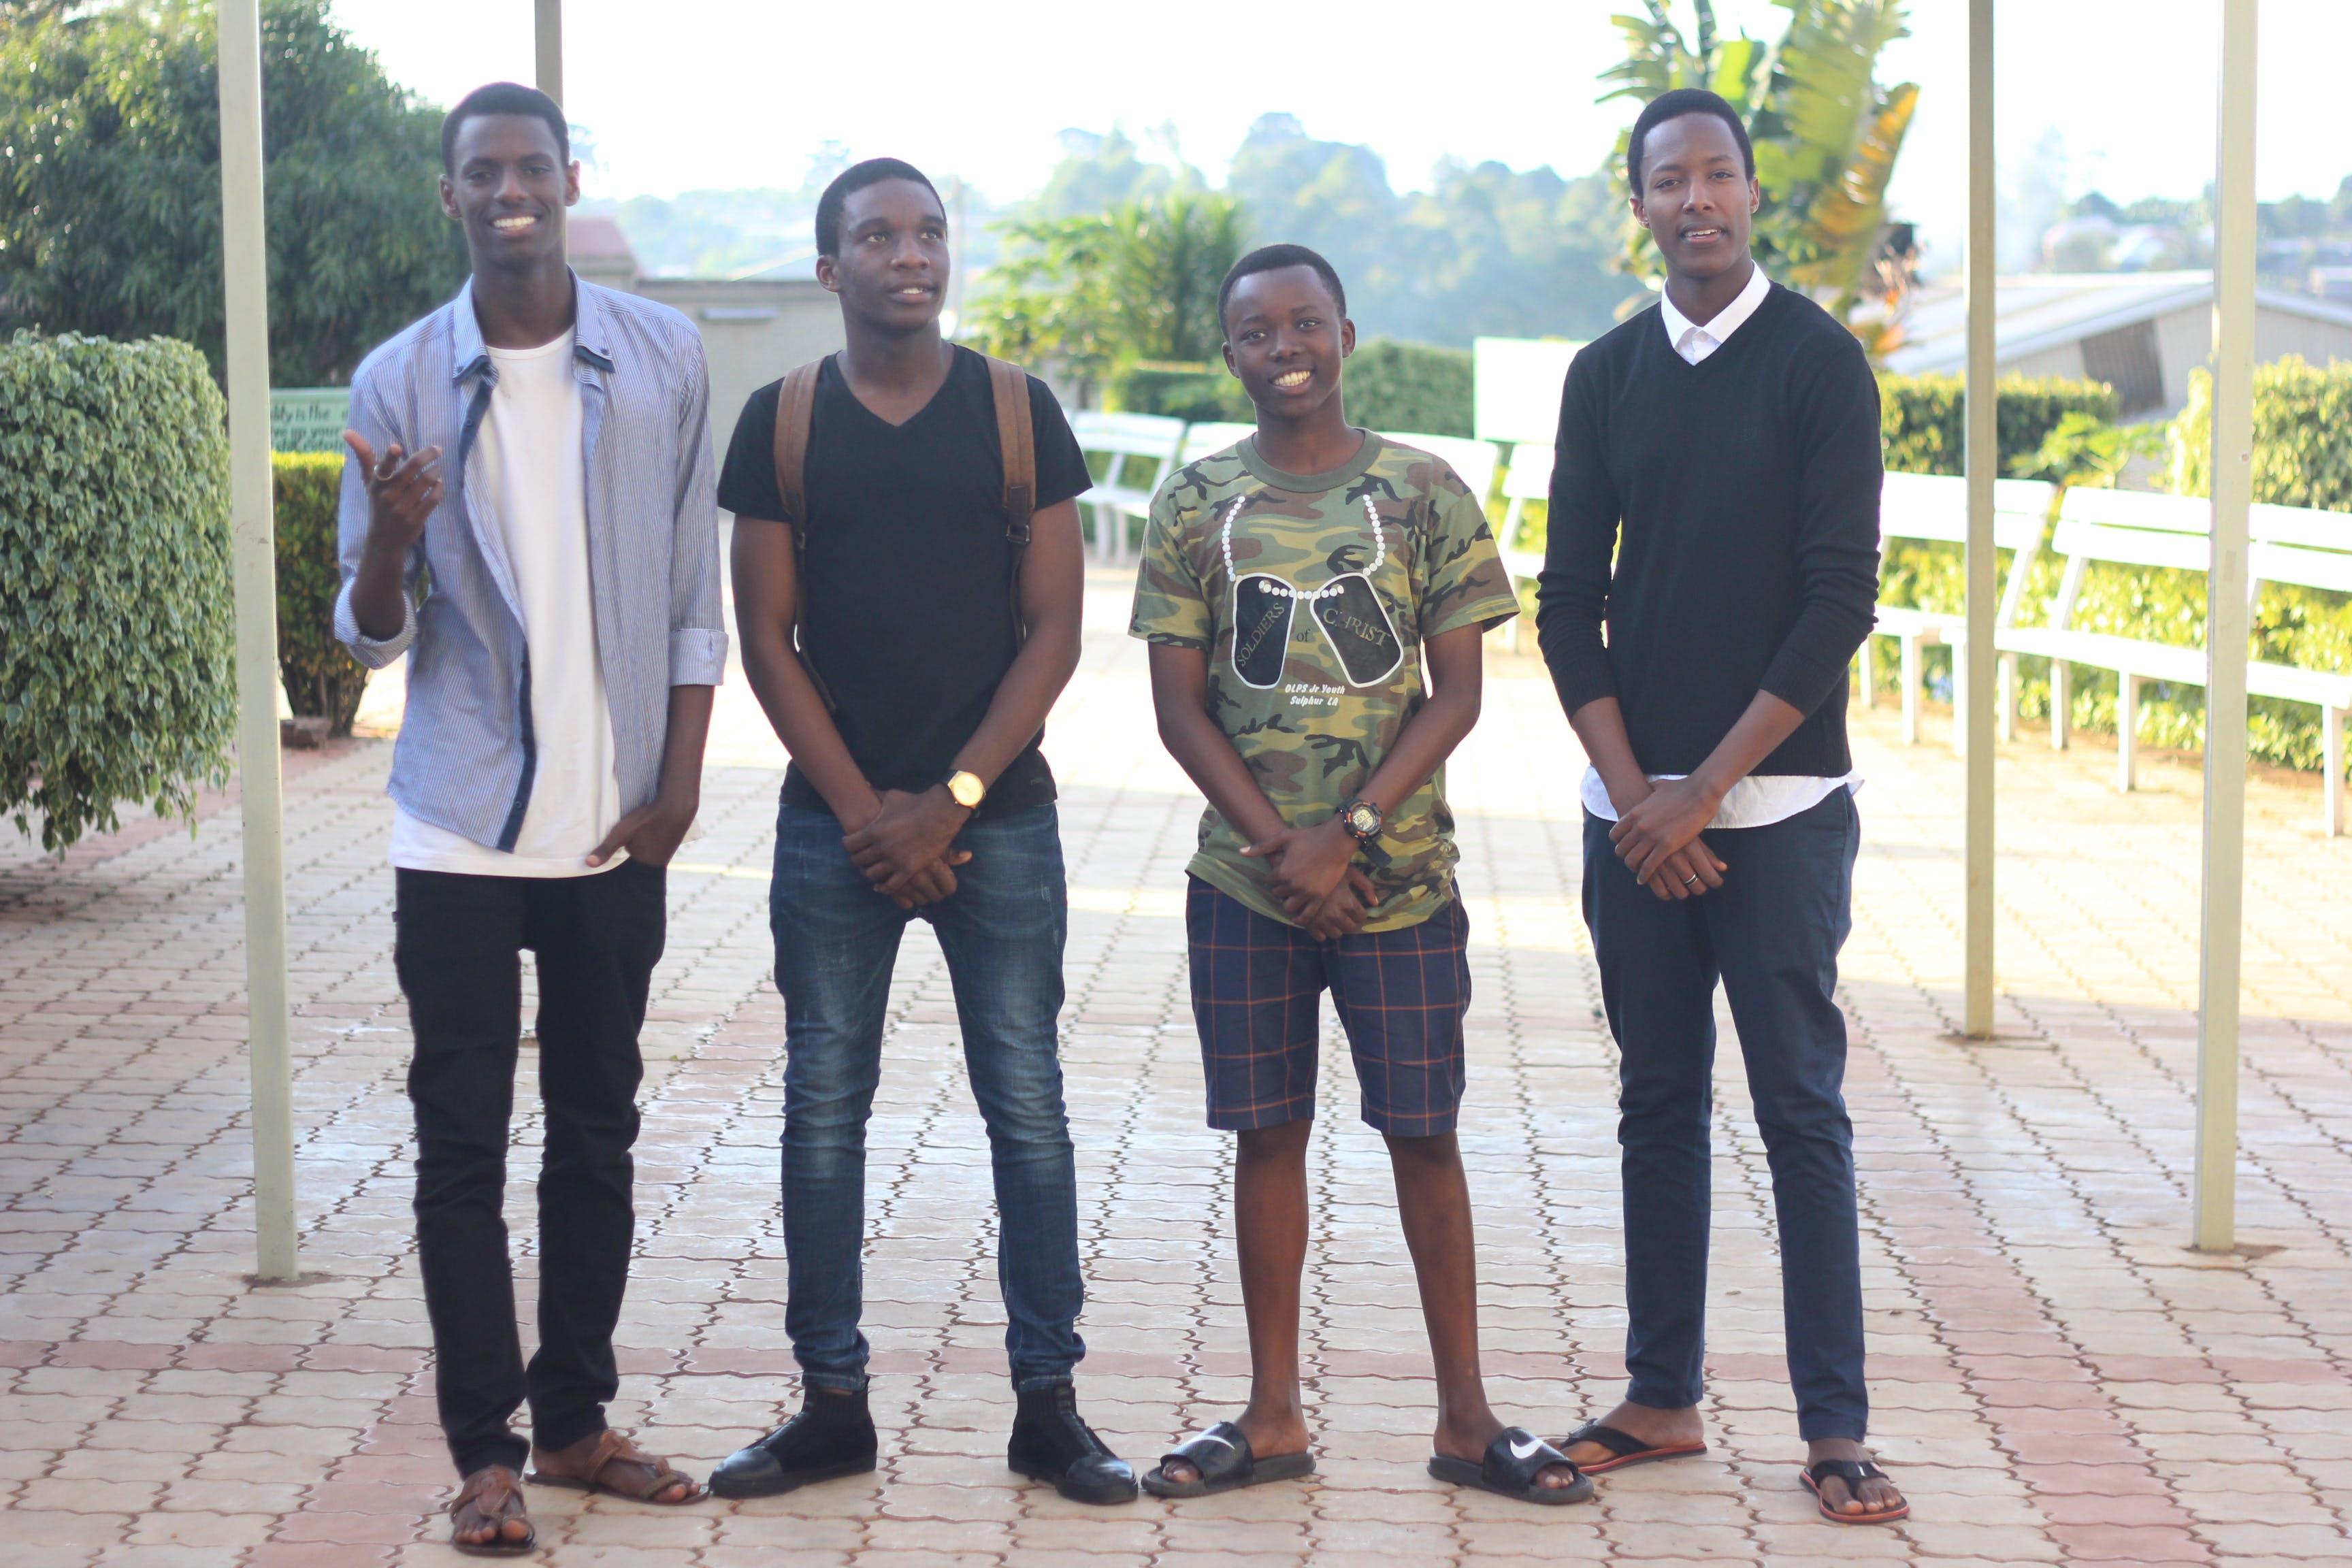 Free stock photo of GIA Men